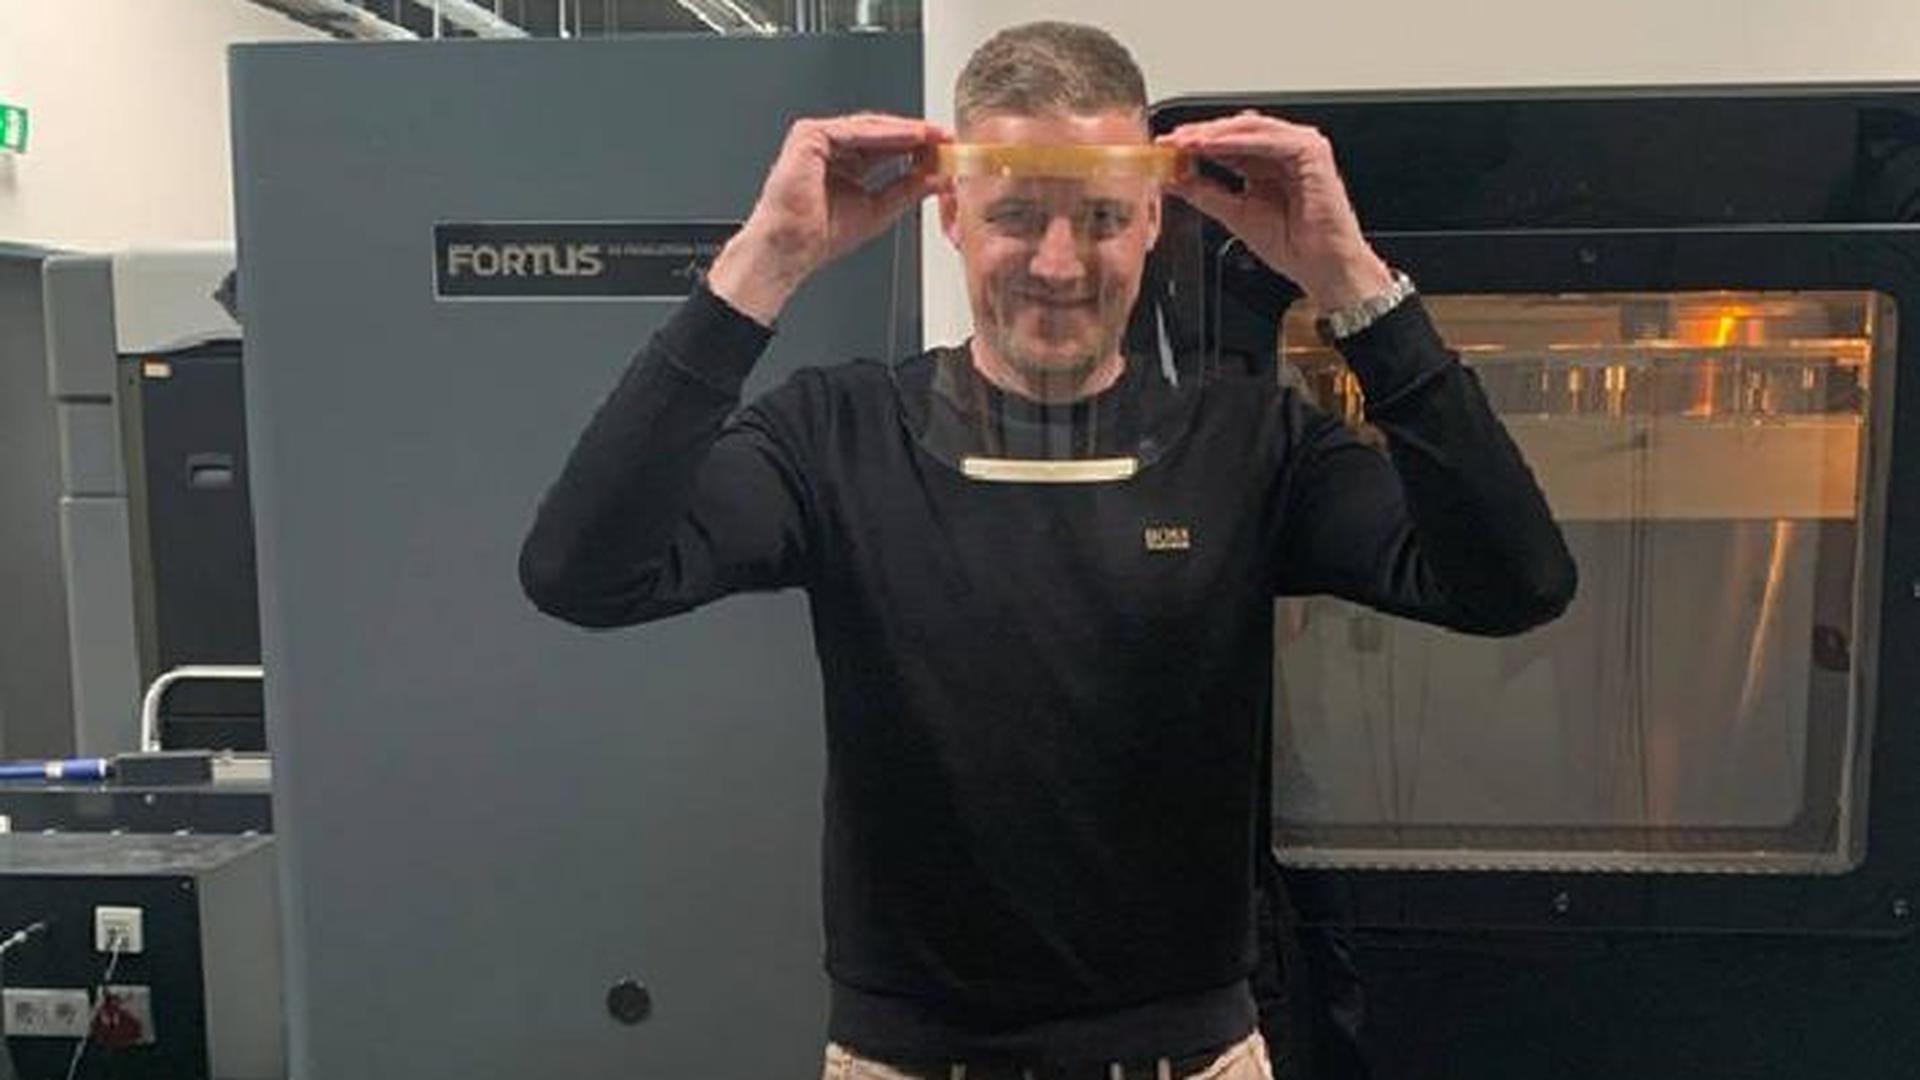 Hat den Durchblick: Andy Langfeld, Geschäftsführer der Stratasys GmbH, präsentiert eine Gesichtsschutzmaske aus eigener Herstellung.